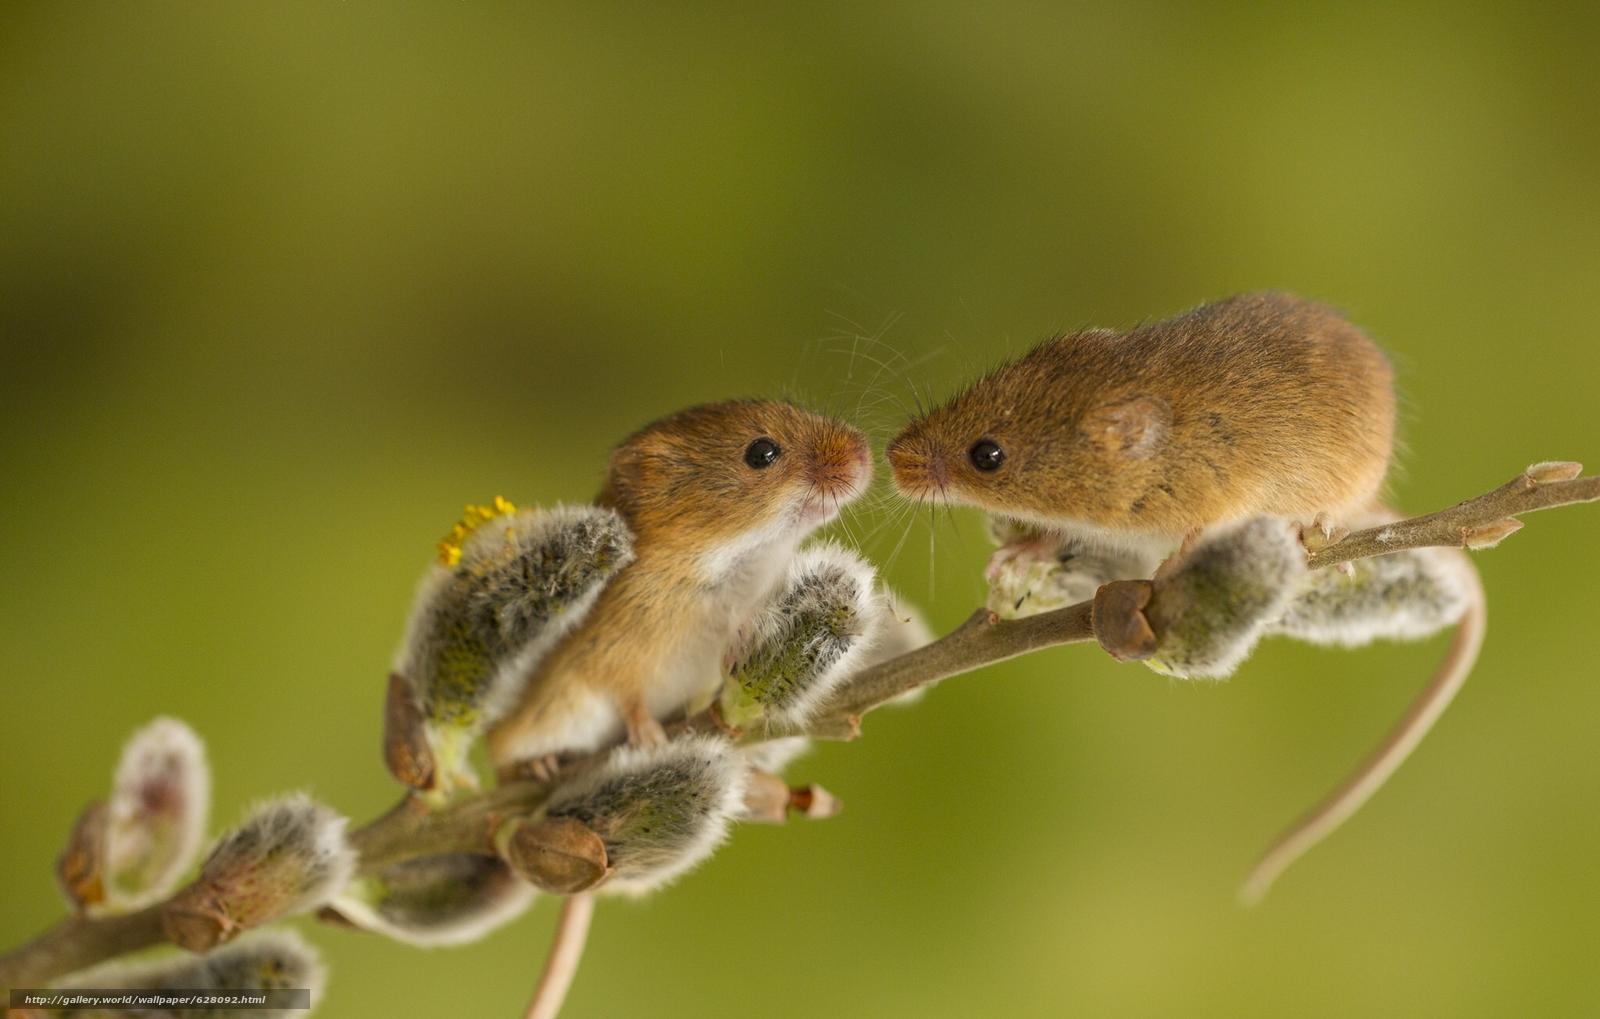 Descargar gratis Ratón de cosecha,  Micromys minutus,  ratón,  pareja Fondos de escritorio en la resolucin 2048x1304 — imagen №628092